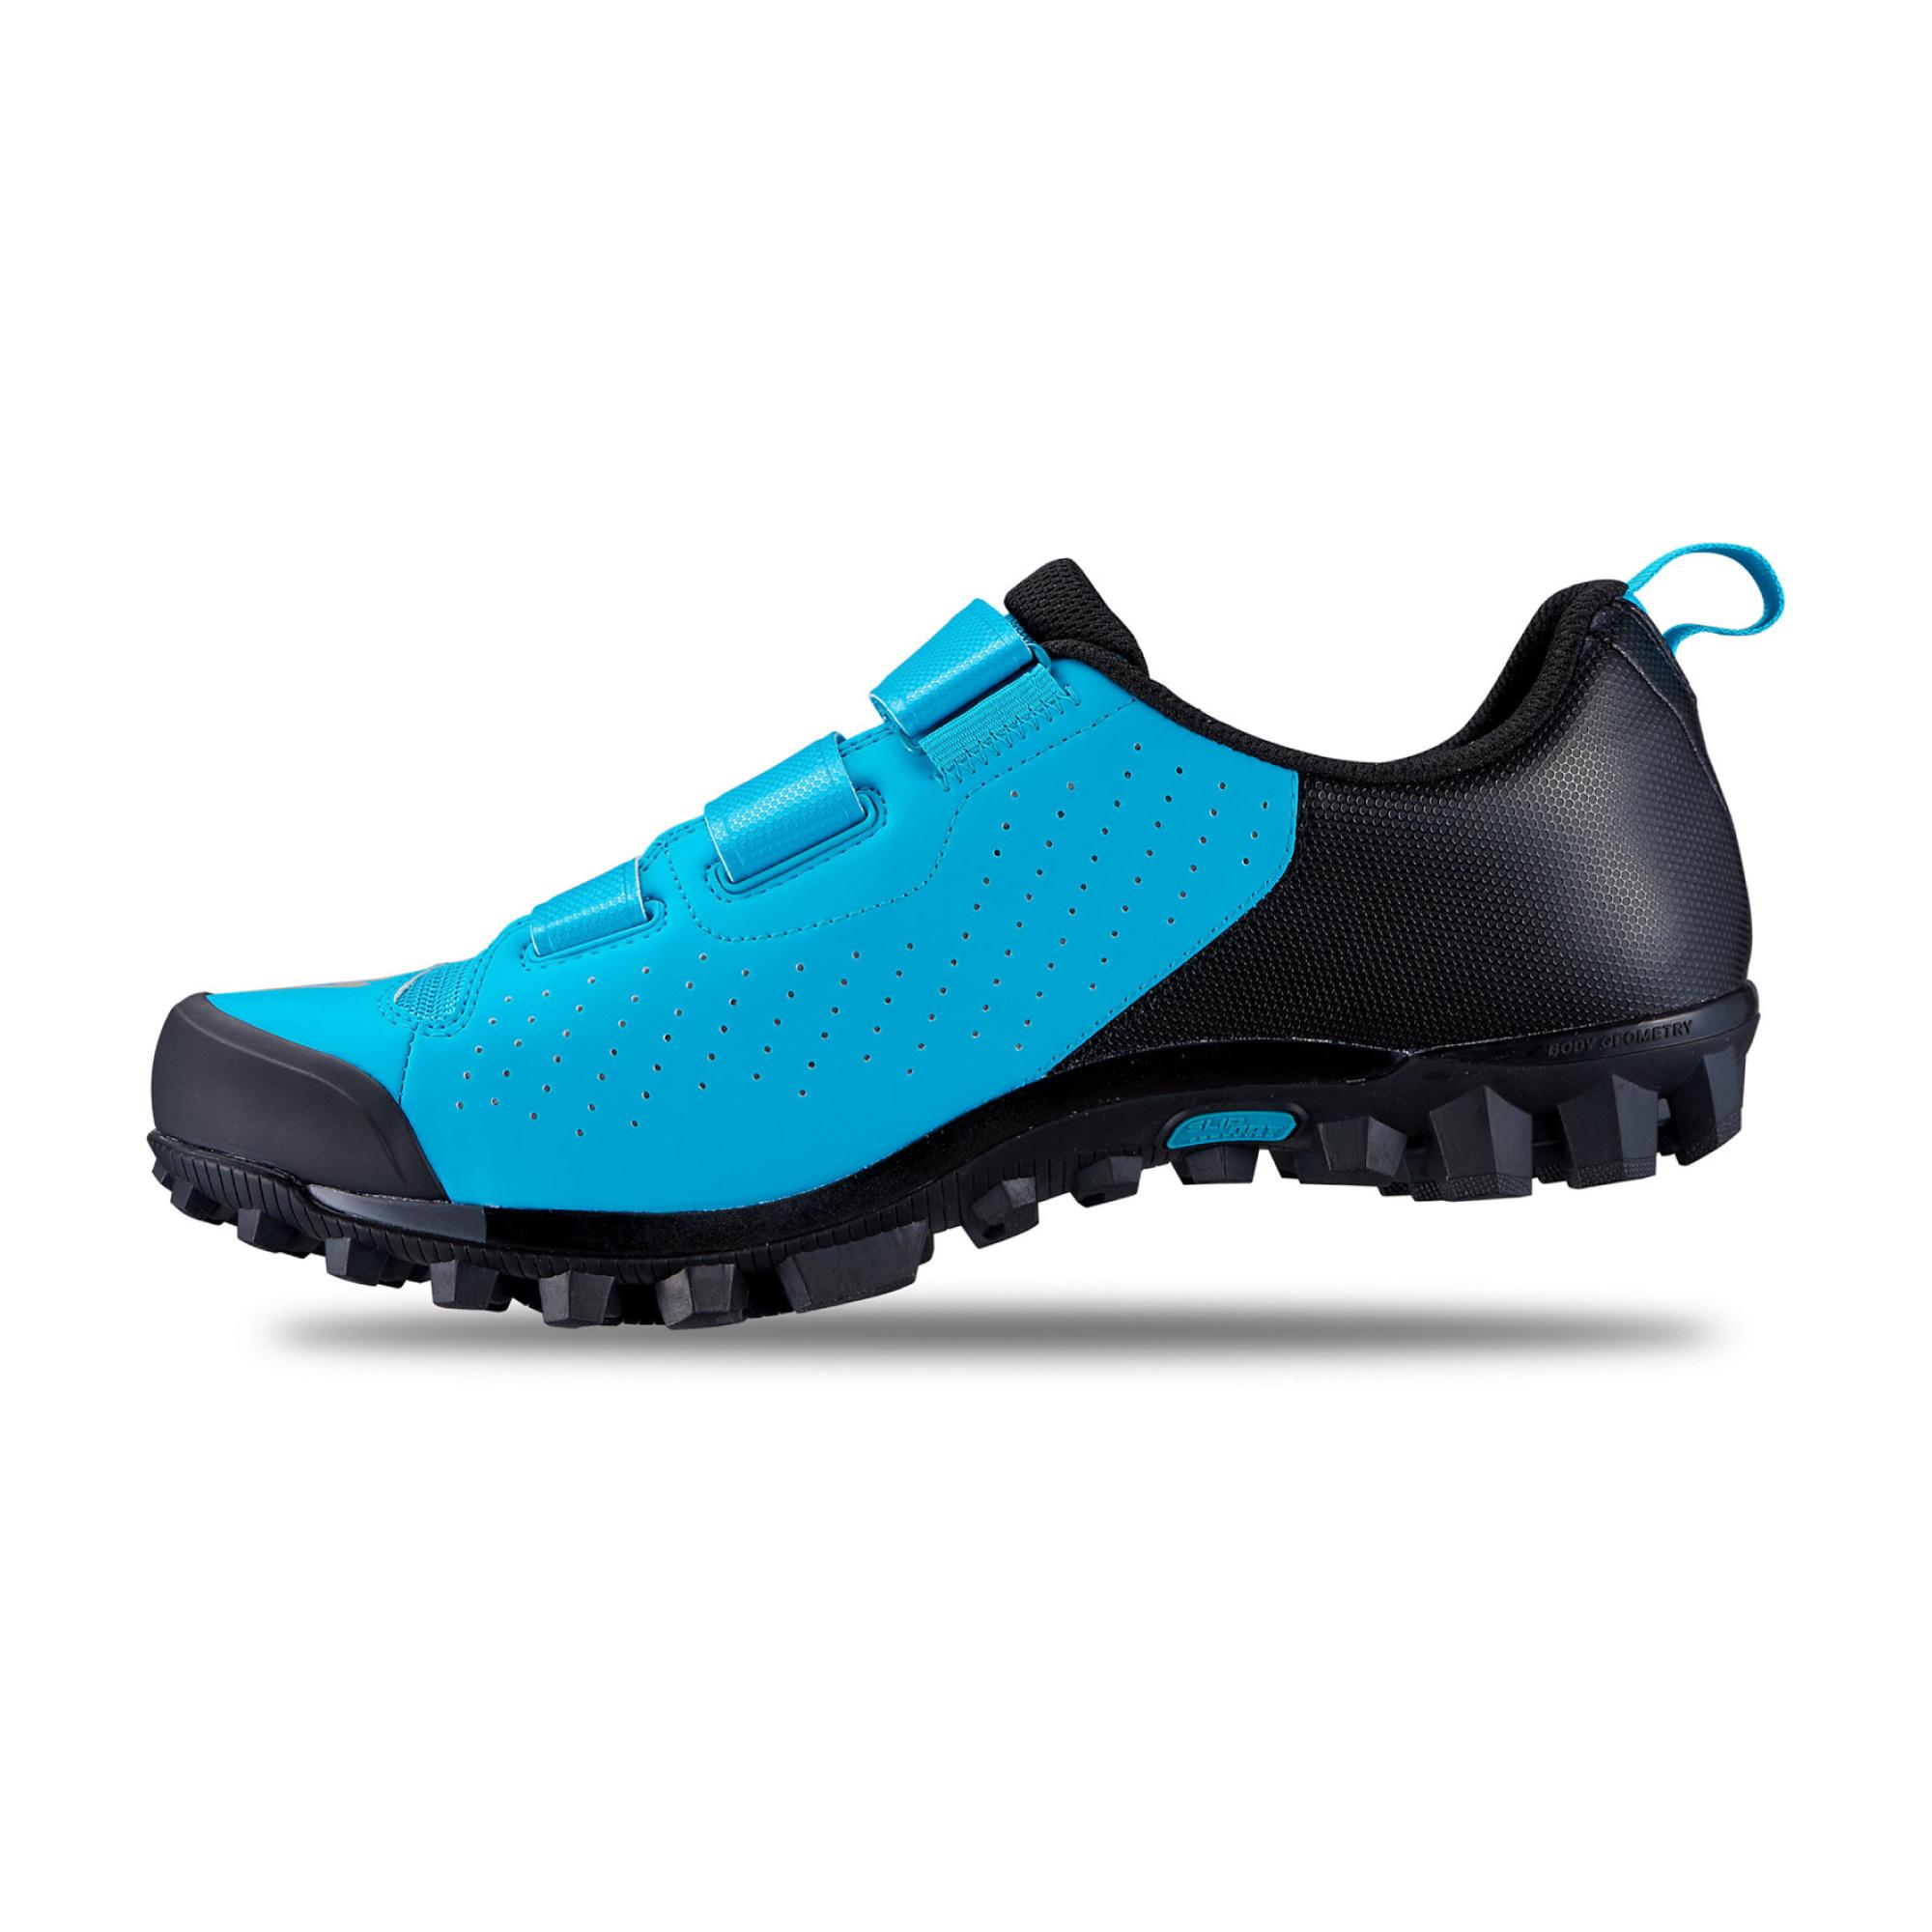 Recon 1.0 MTB Shoe-7